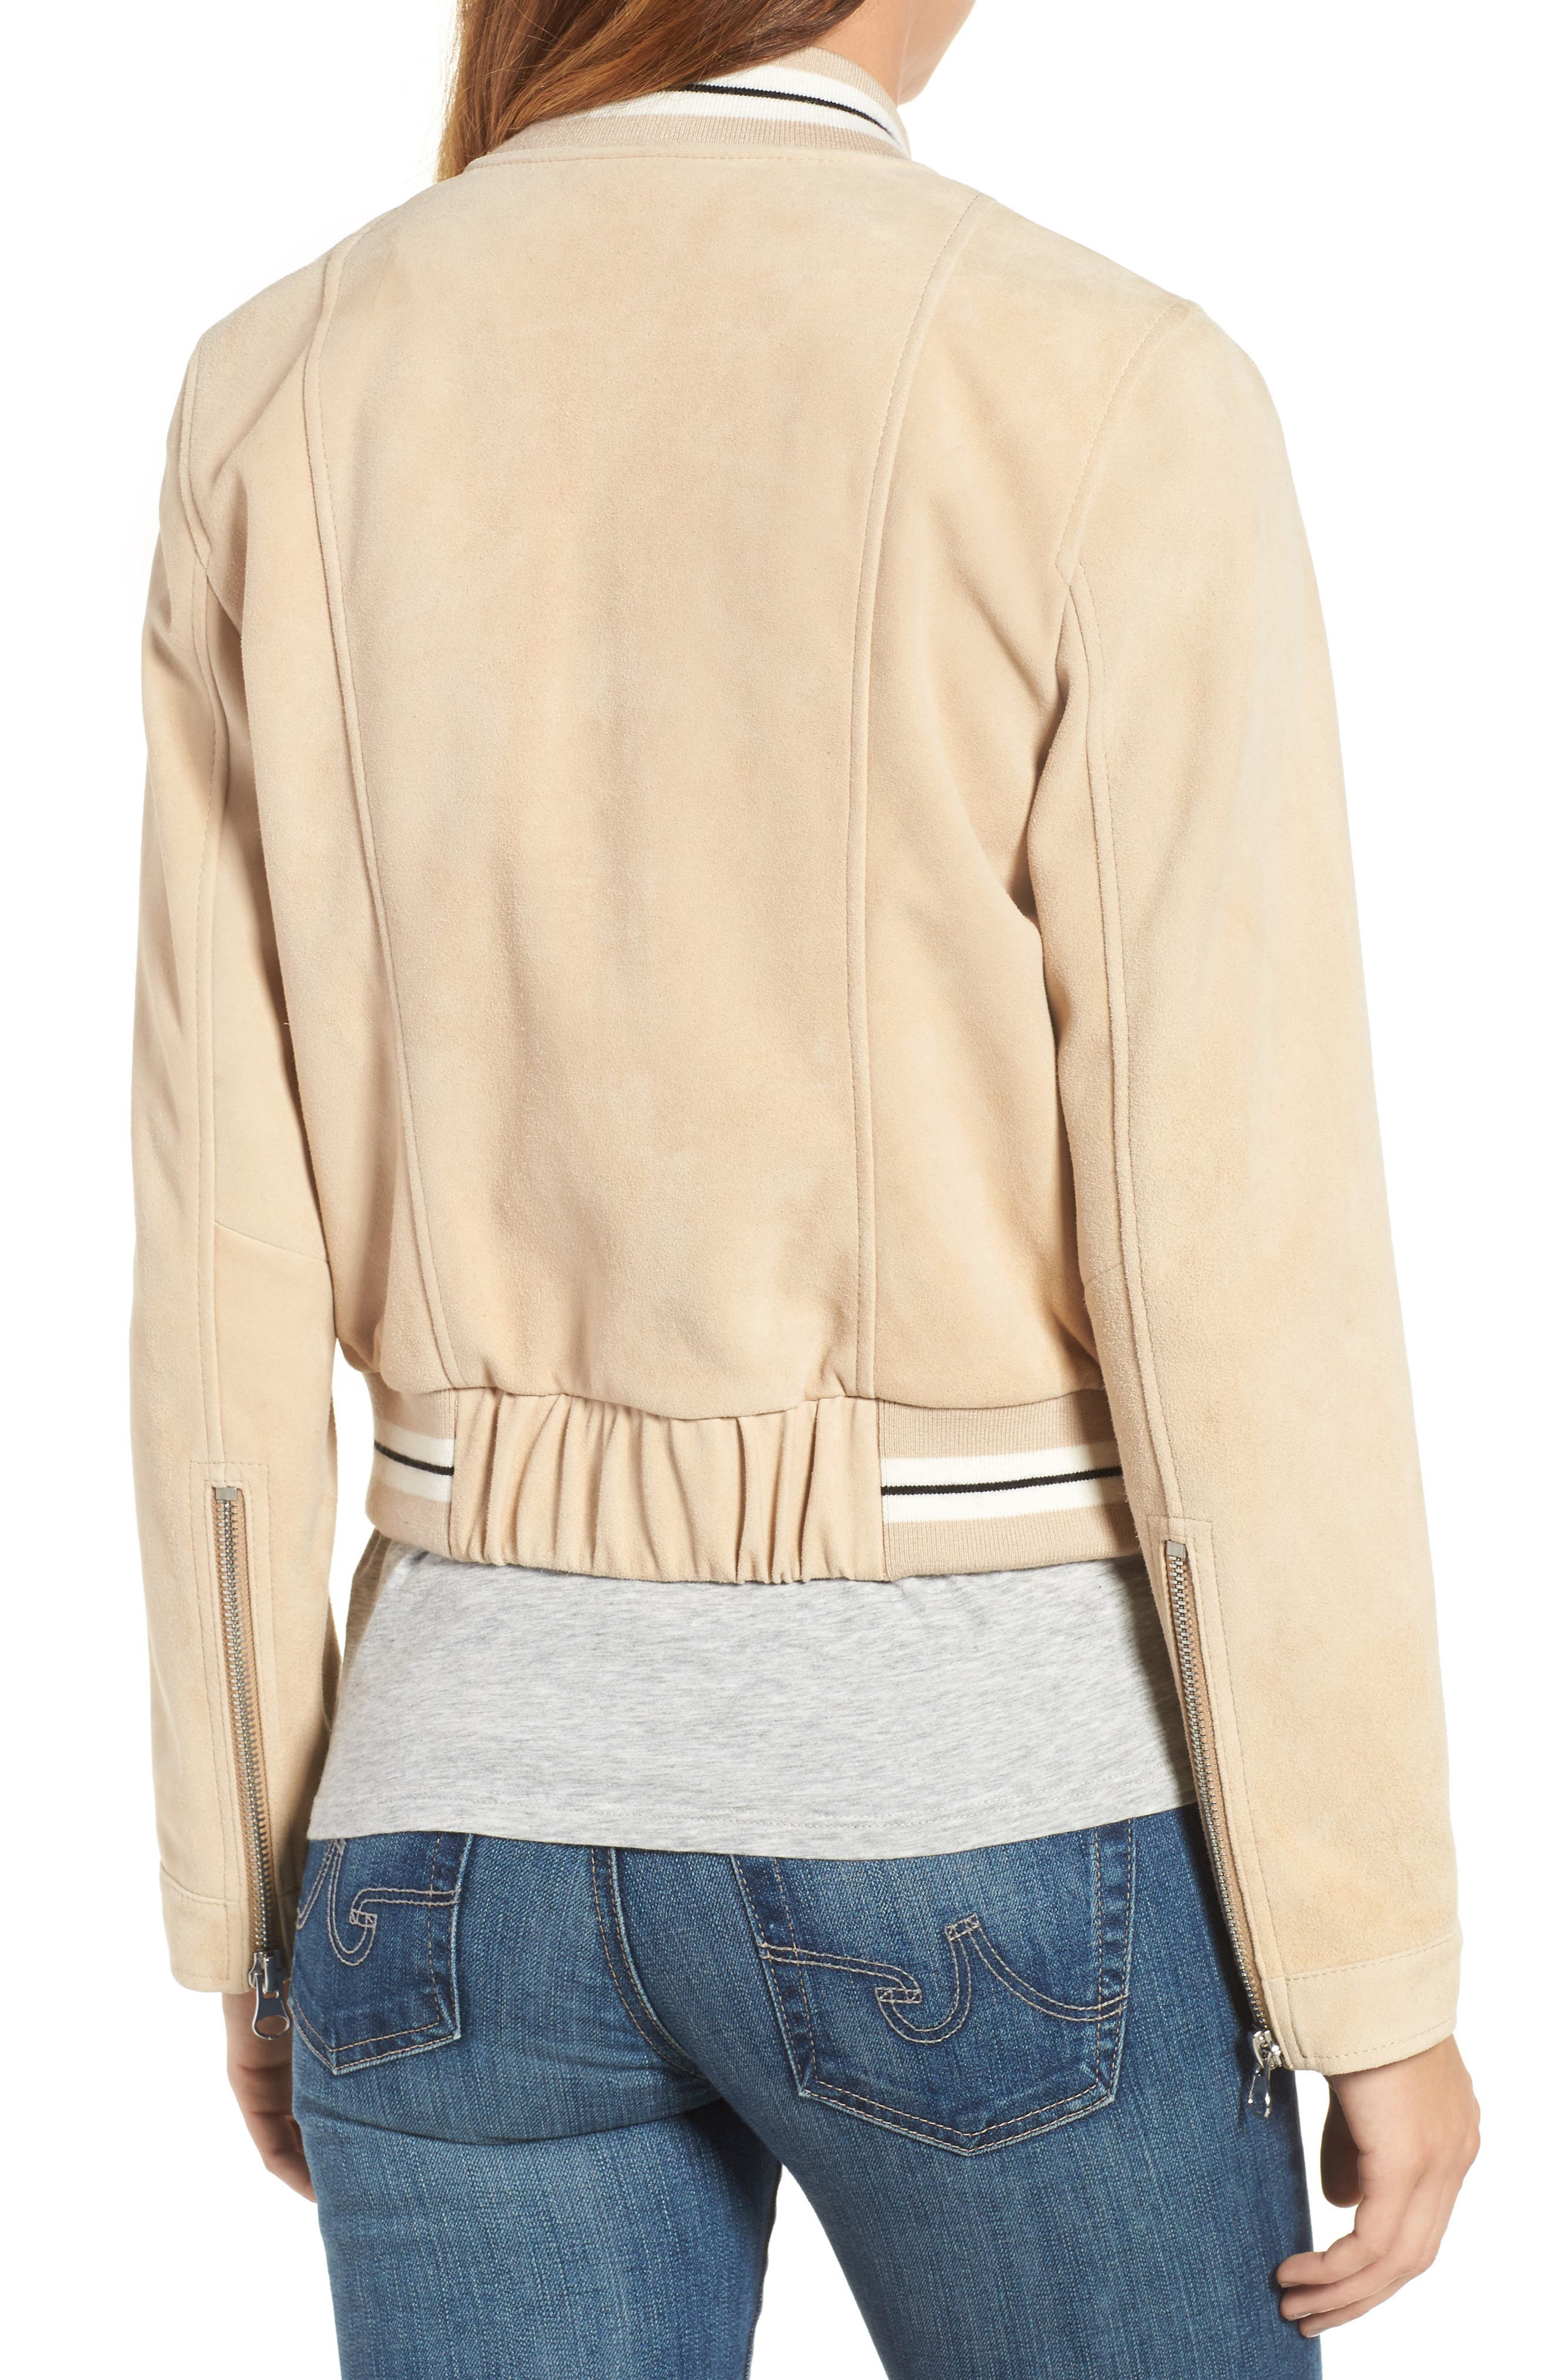 Alternate Image 2  - Derek Lam 10 Crosby Suede Varsity Jacket